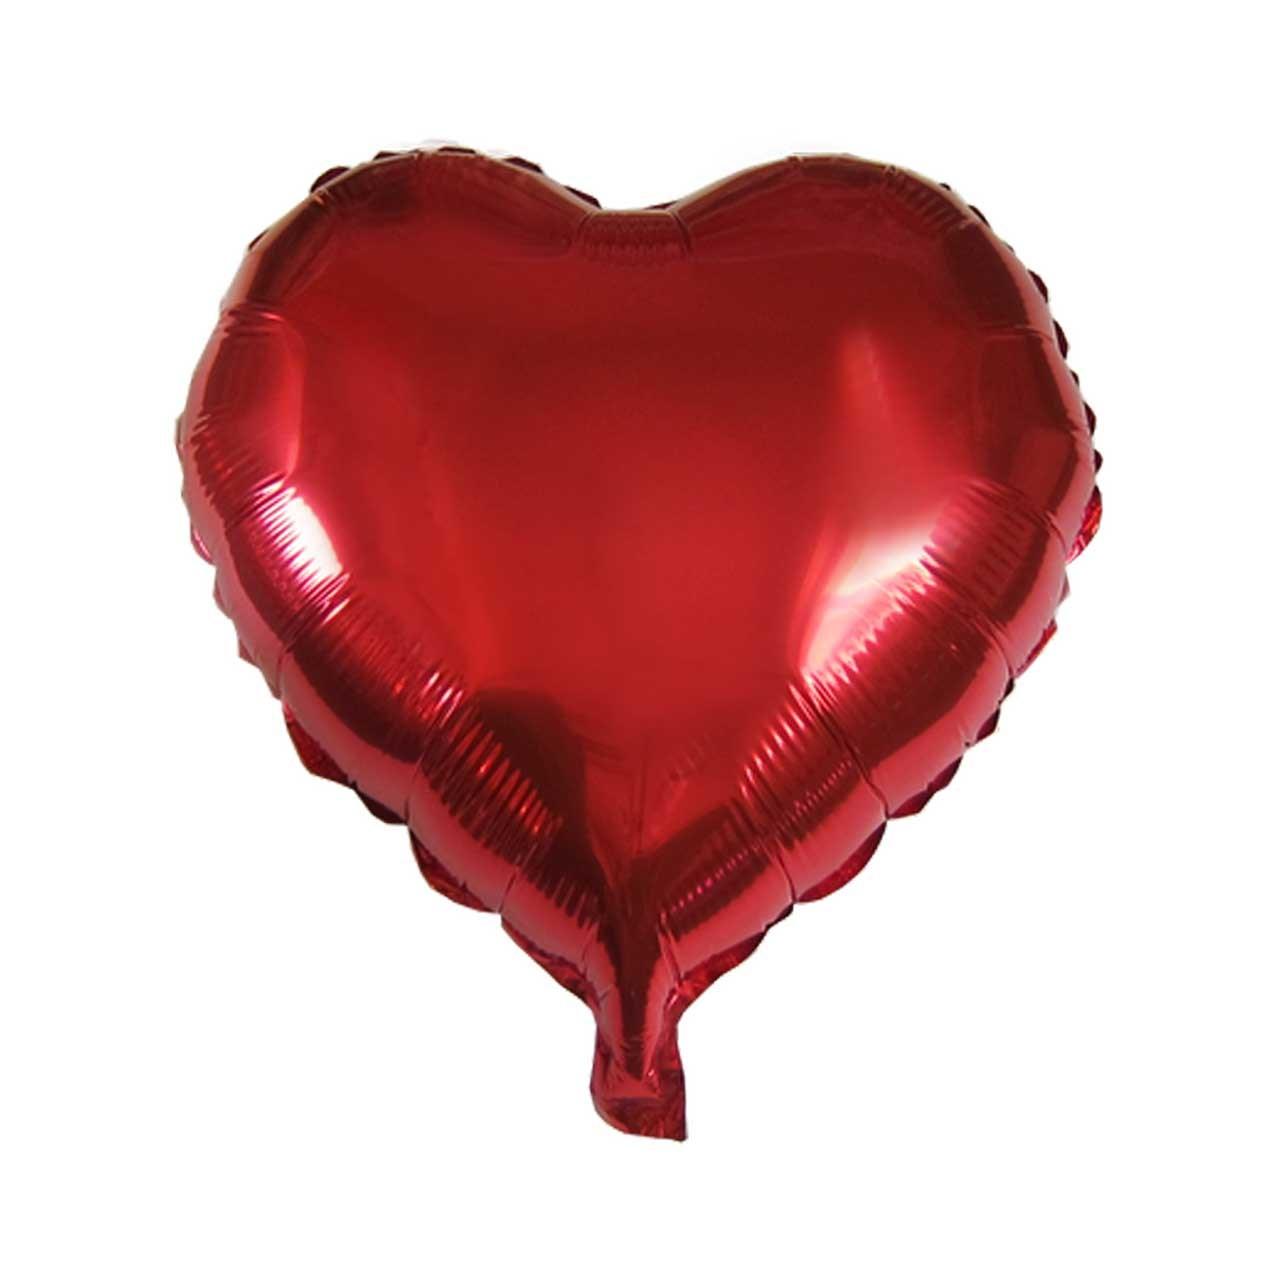 عکس بادکنک فویلی هپی شو مدل Heart سایز 40 سانتی متر